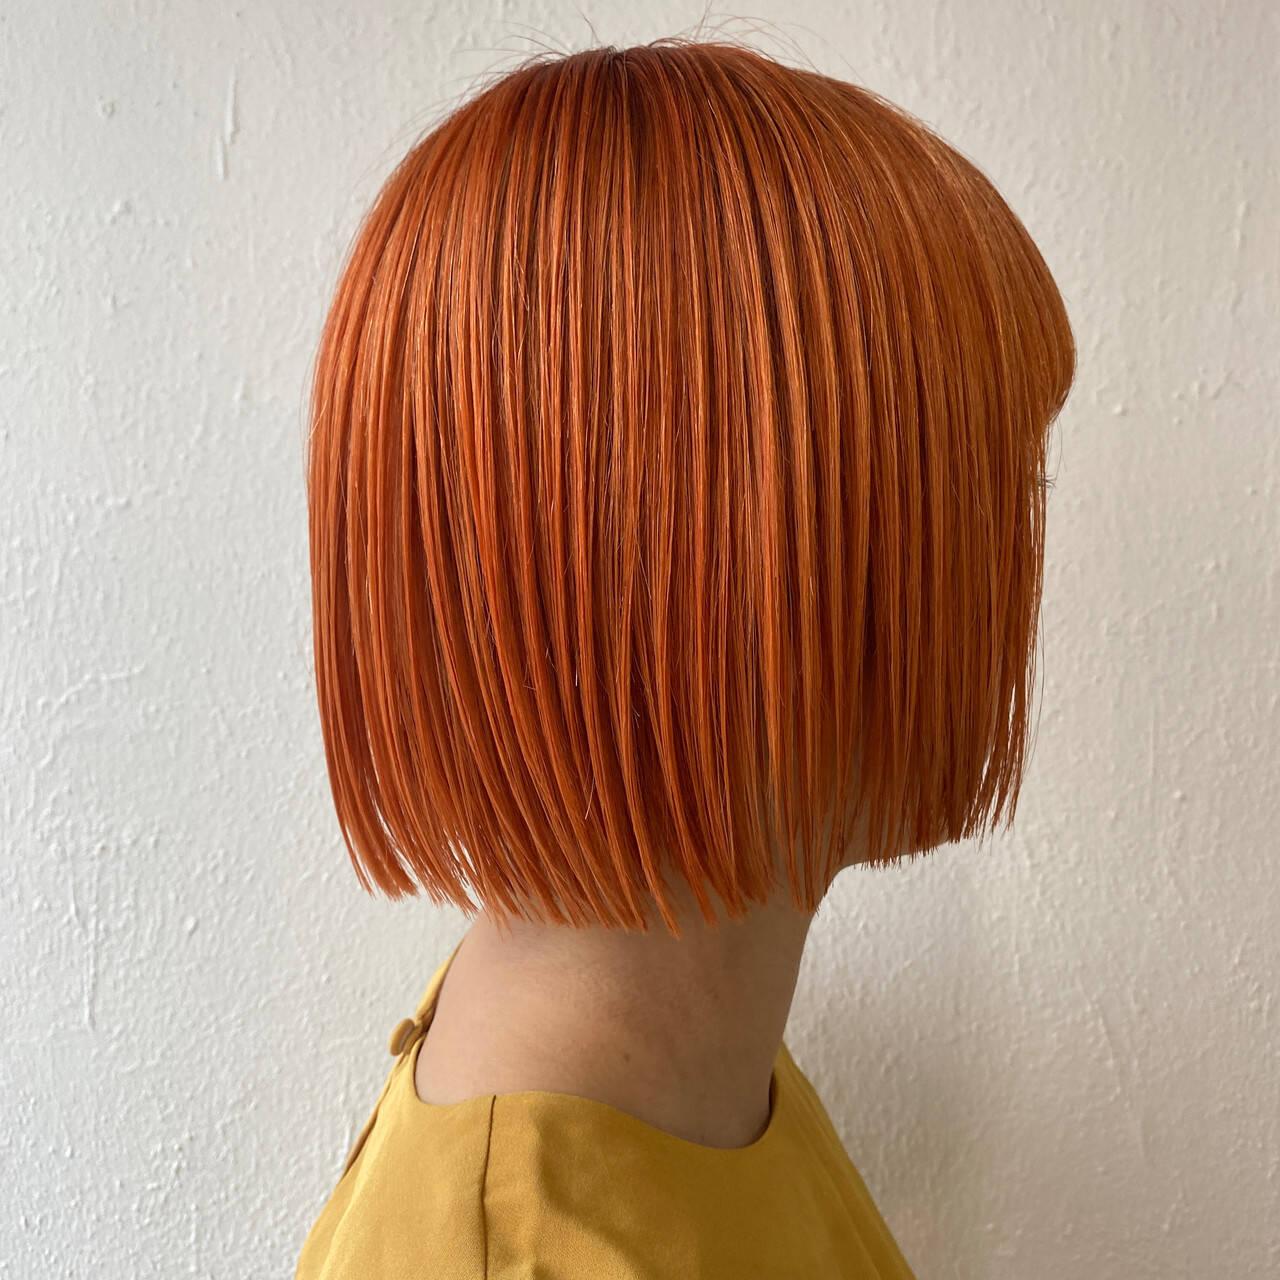 ショート ショートヘア オレンジカラー ナチュラルヘアスタイルや髪型の写真・画像